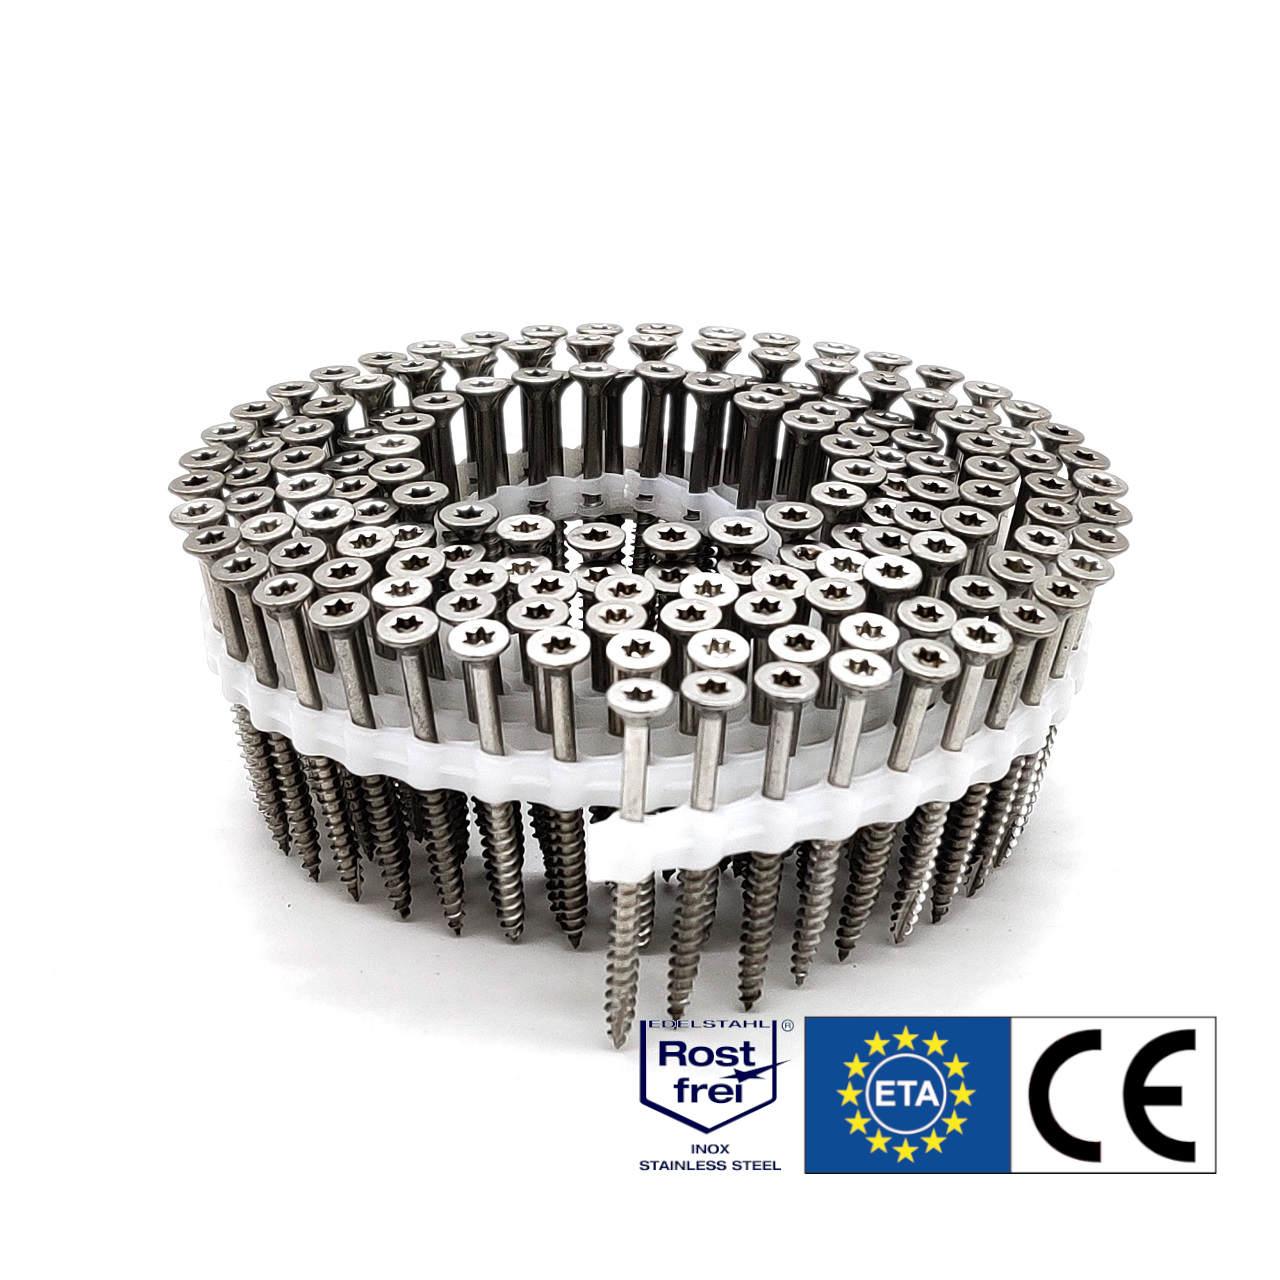 Coil Universalschrauben | rostfrei A2 | Teilgewinde | 4,0x40 | 2.000 Stk